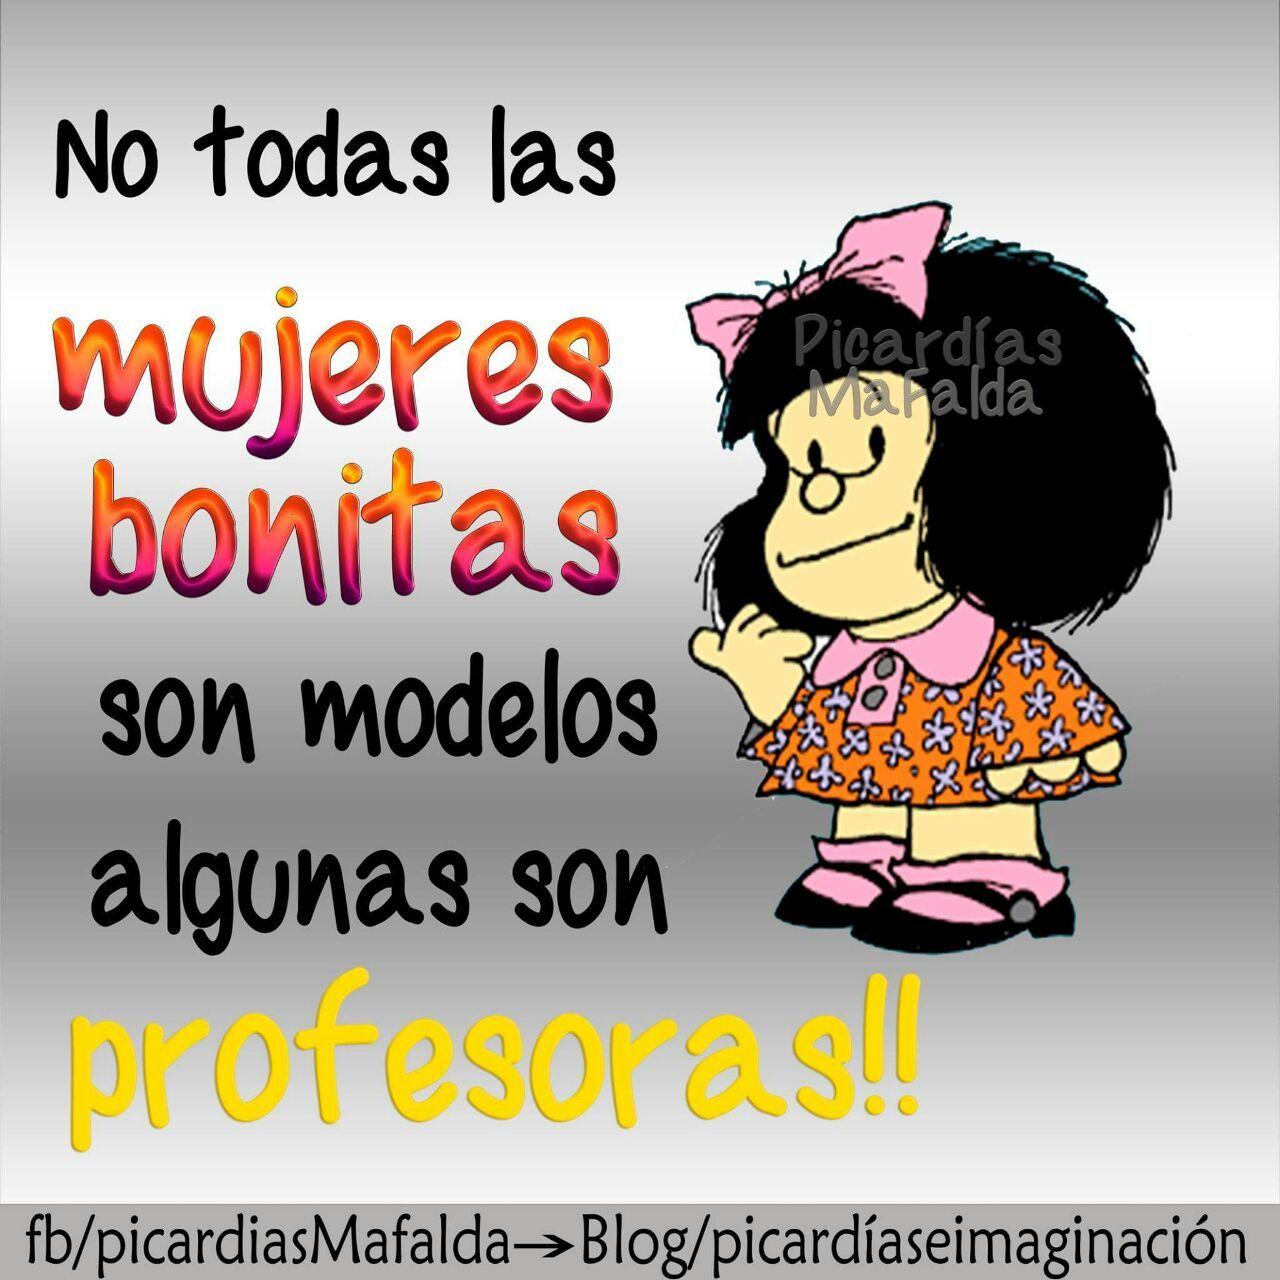 En Mi Caso Profesora Productora Administradora De Empresas Traductora Chistes De Mafalda Mafalda Frases Mafalda Eres tierna, pero también eres muy valiente; en mi caso profesora productora